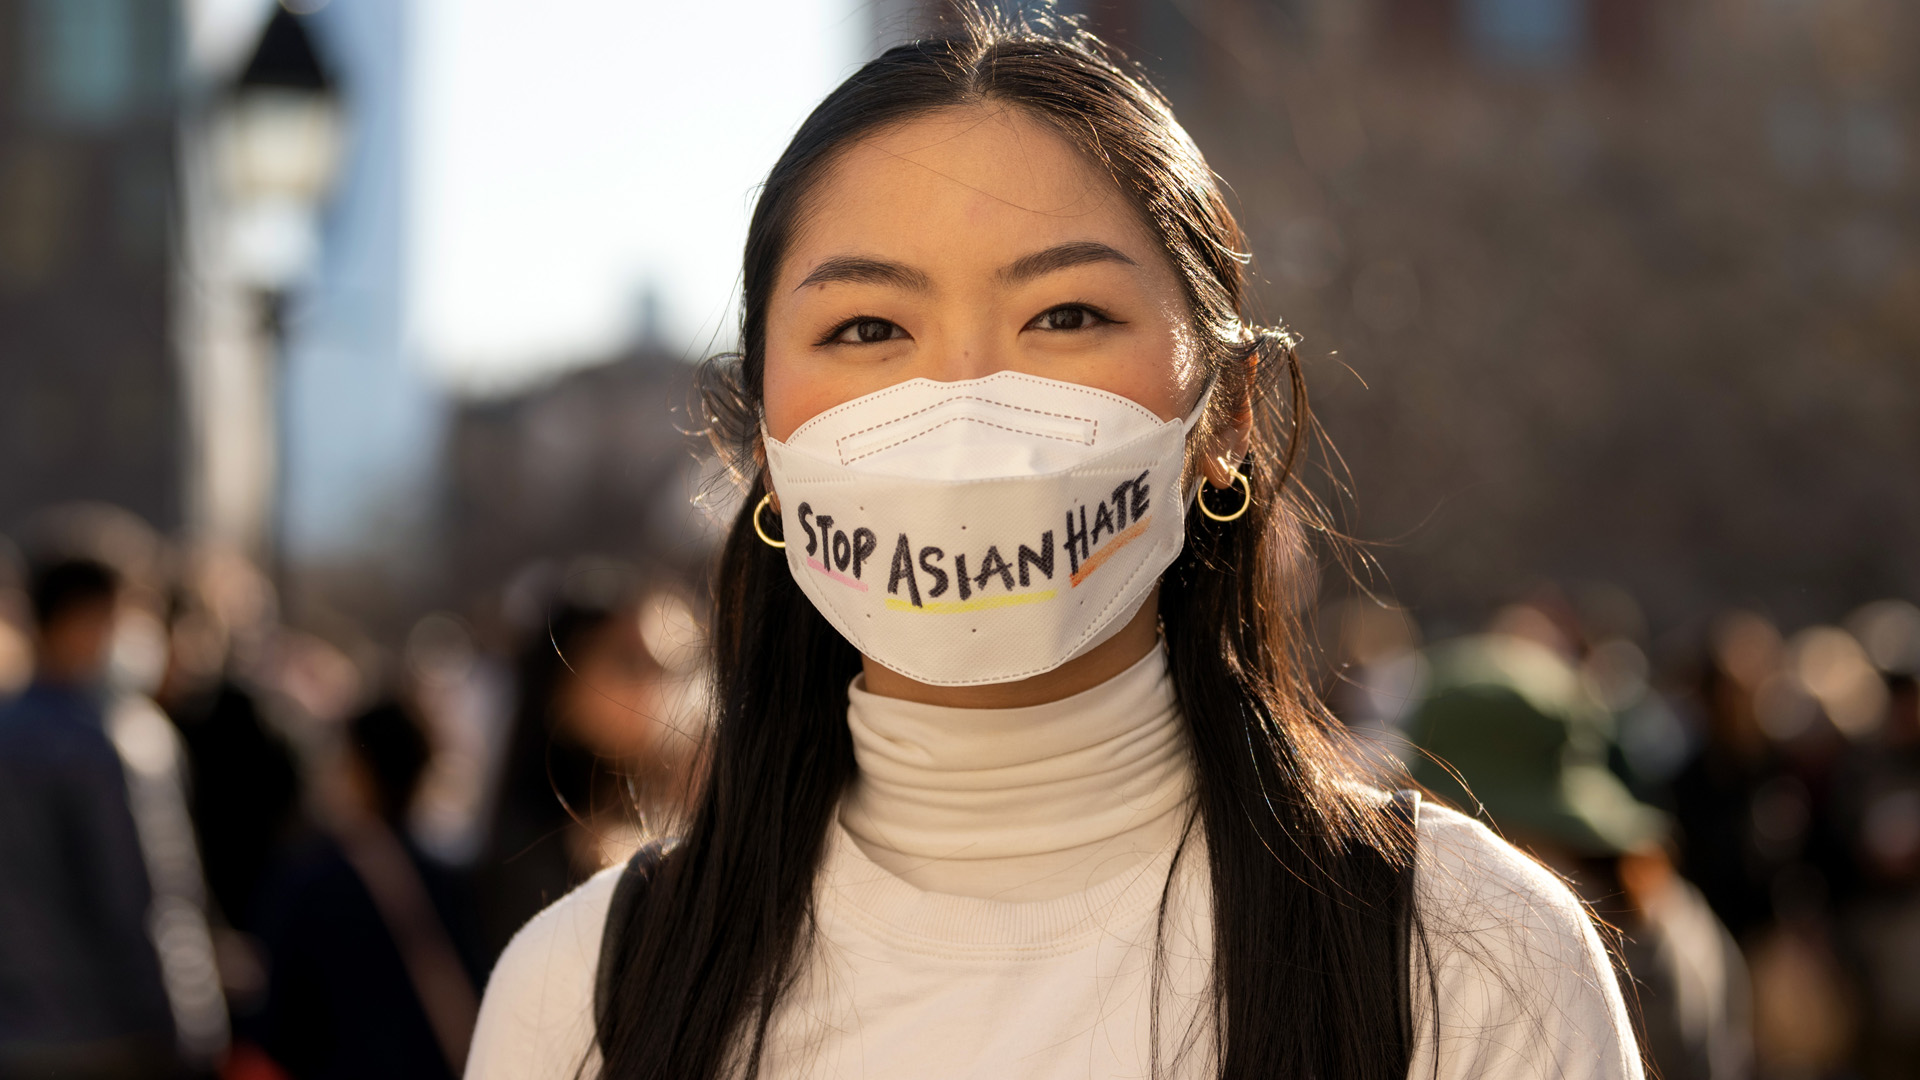 Egyre súlyosabb következményei vannak az ázsiaiak elleni gyűlöletnek